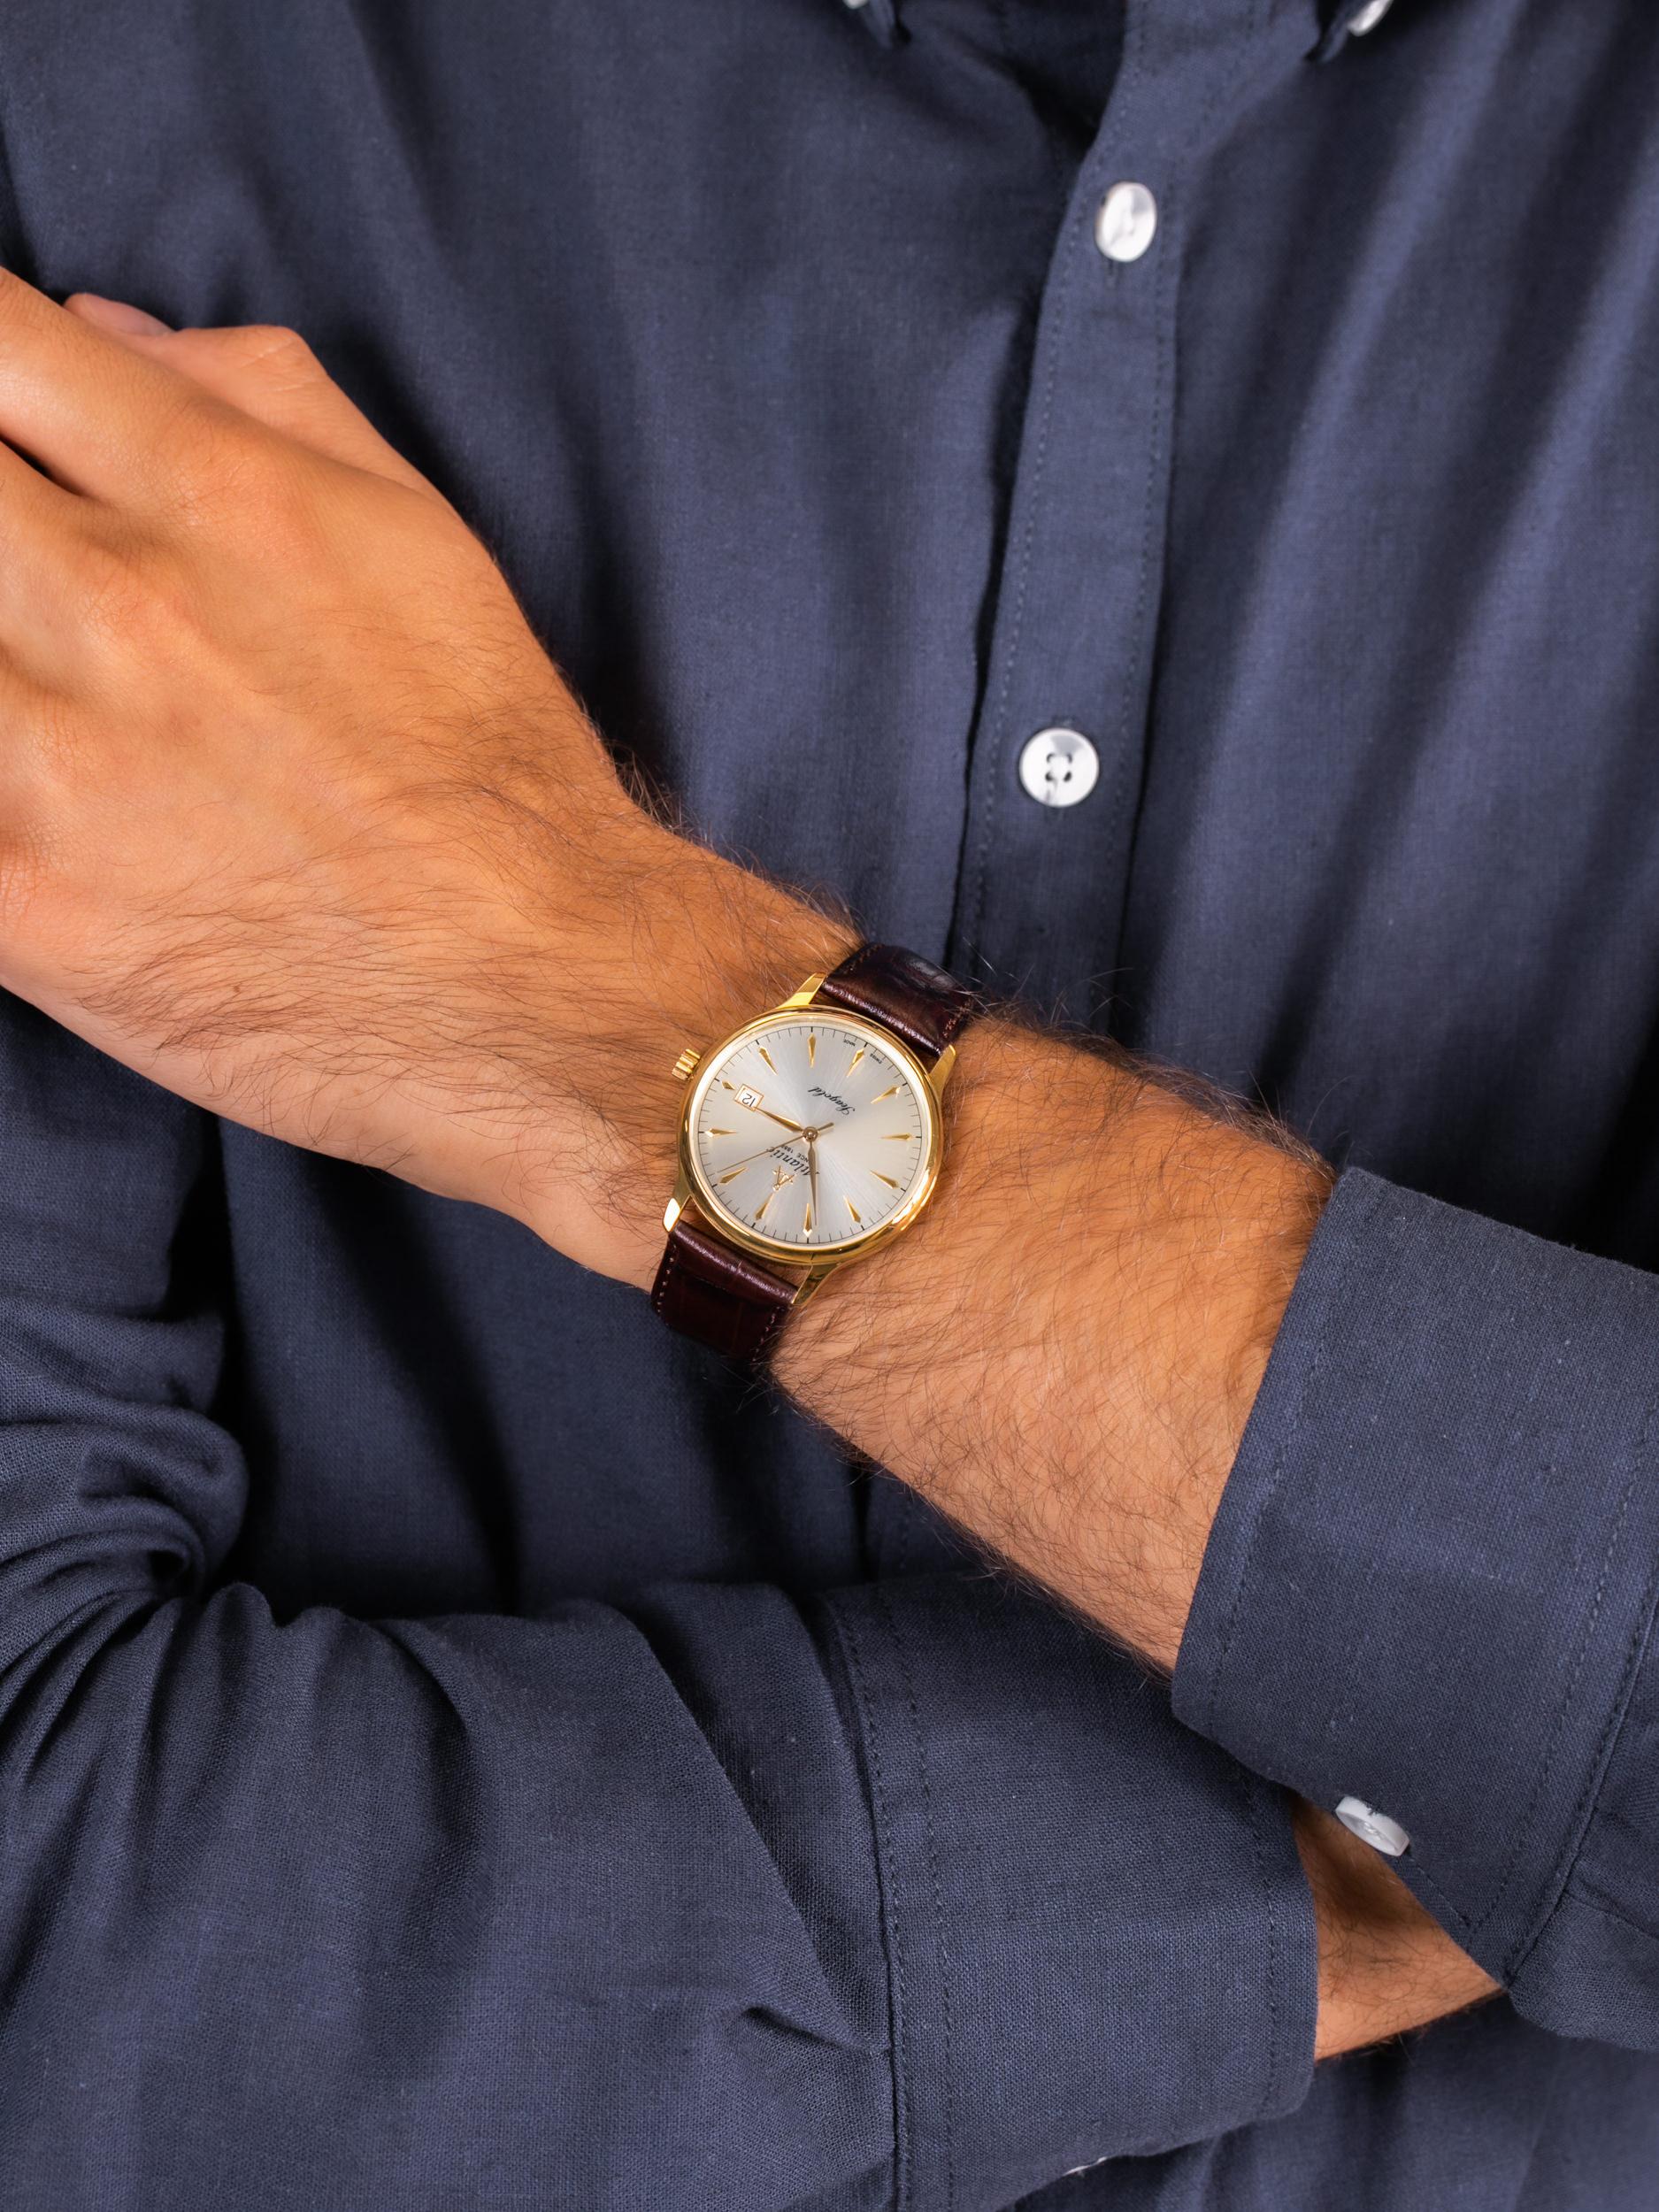 Atlantic 95343.65.21 męski zegarek Seagold pasek